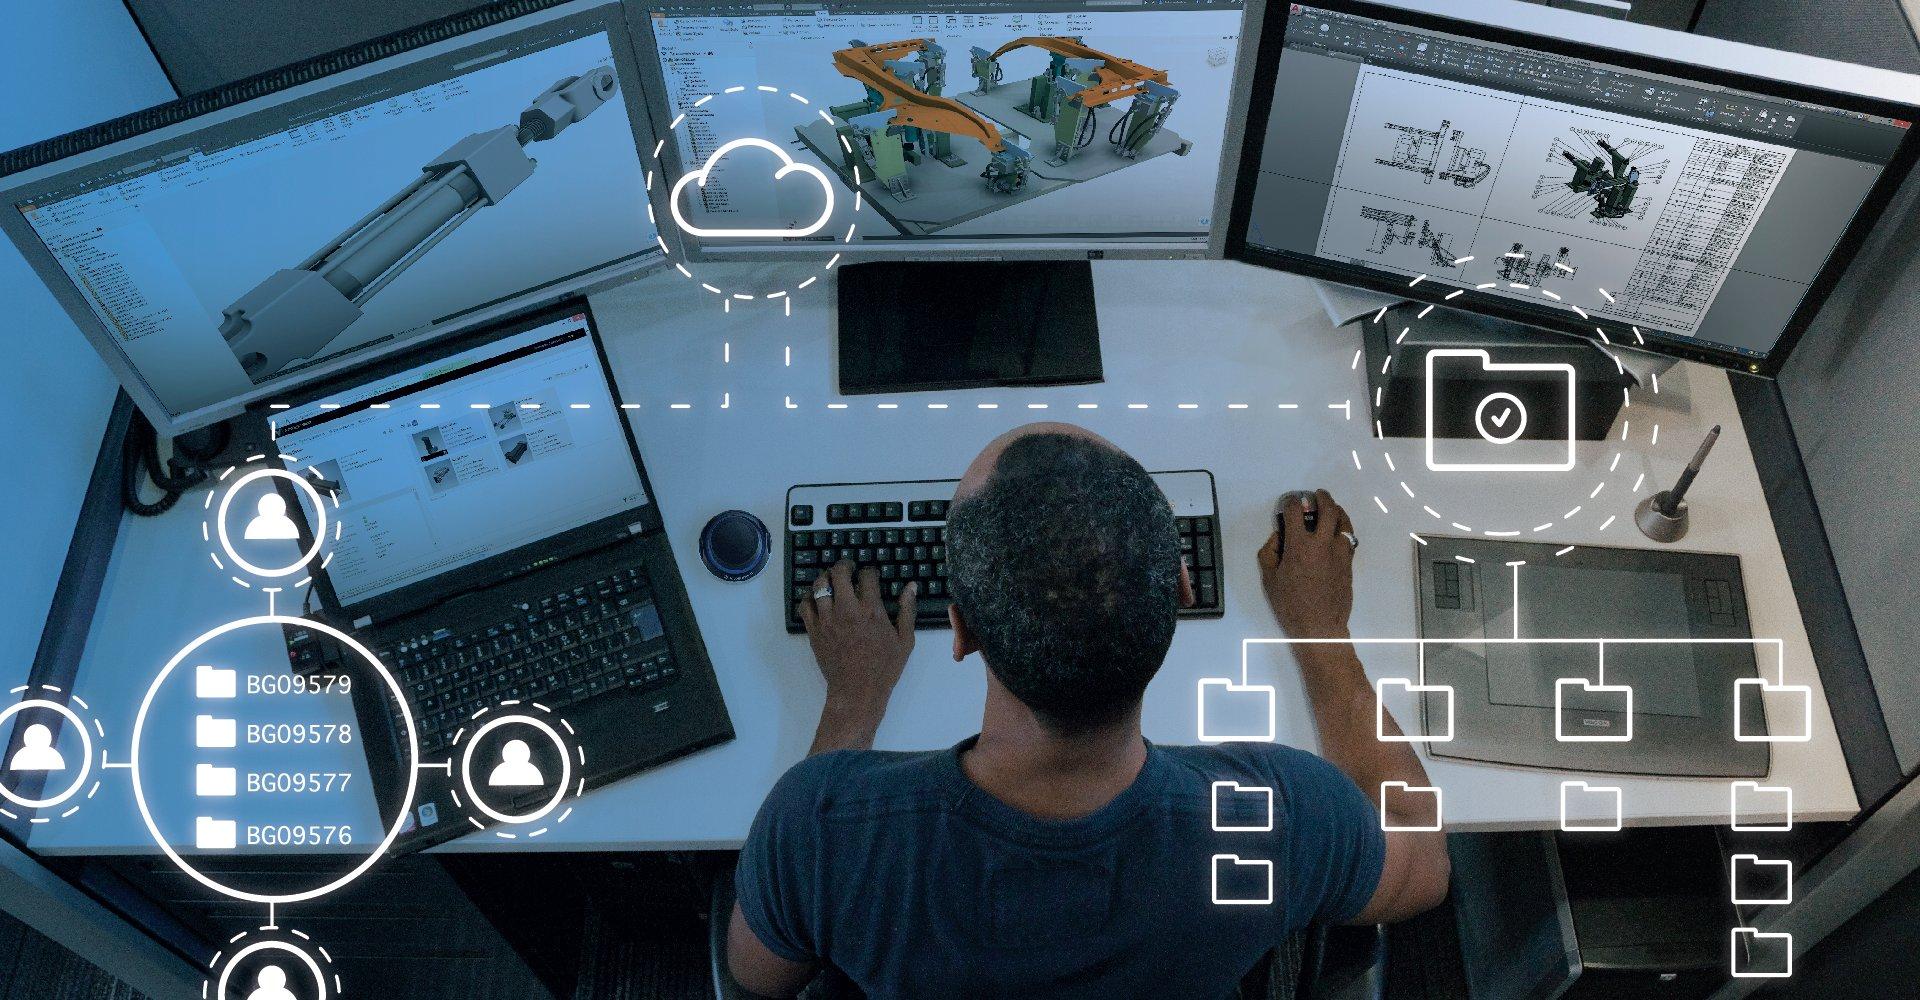 Webinarium nt. Autodesk Fusion Lifecycle - zarzadzanie cyklem życia produktu PLM